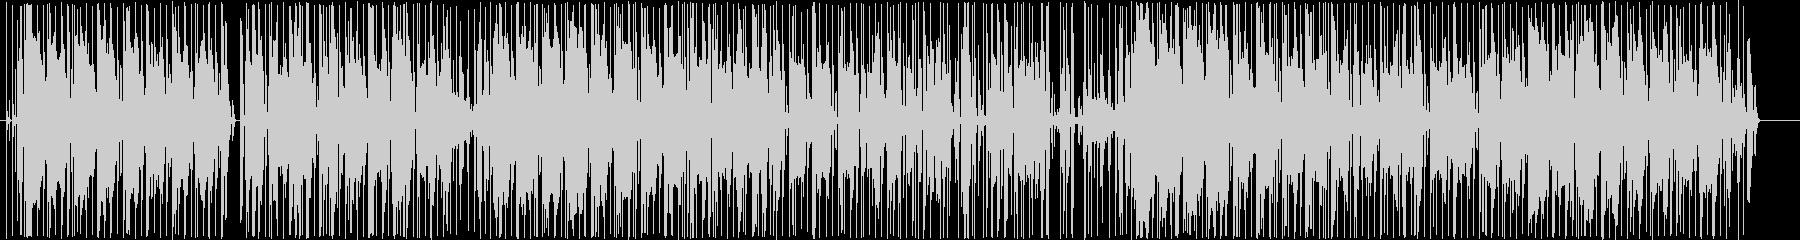 オシャレなスローテンポサウンドの未再生の波形